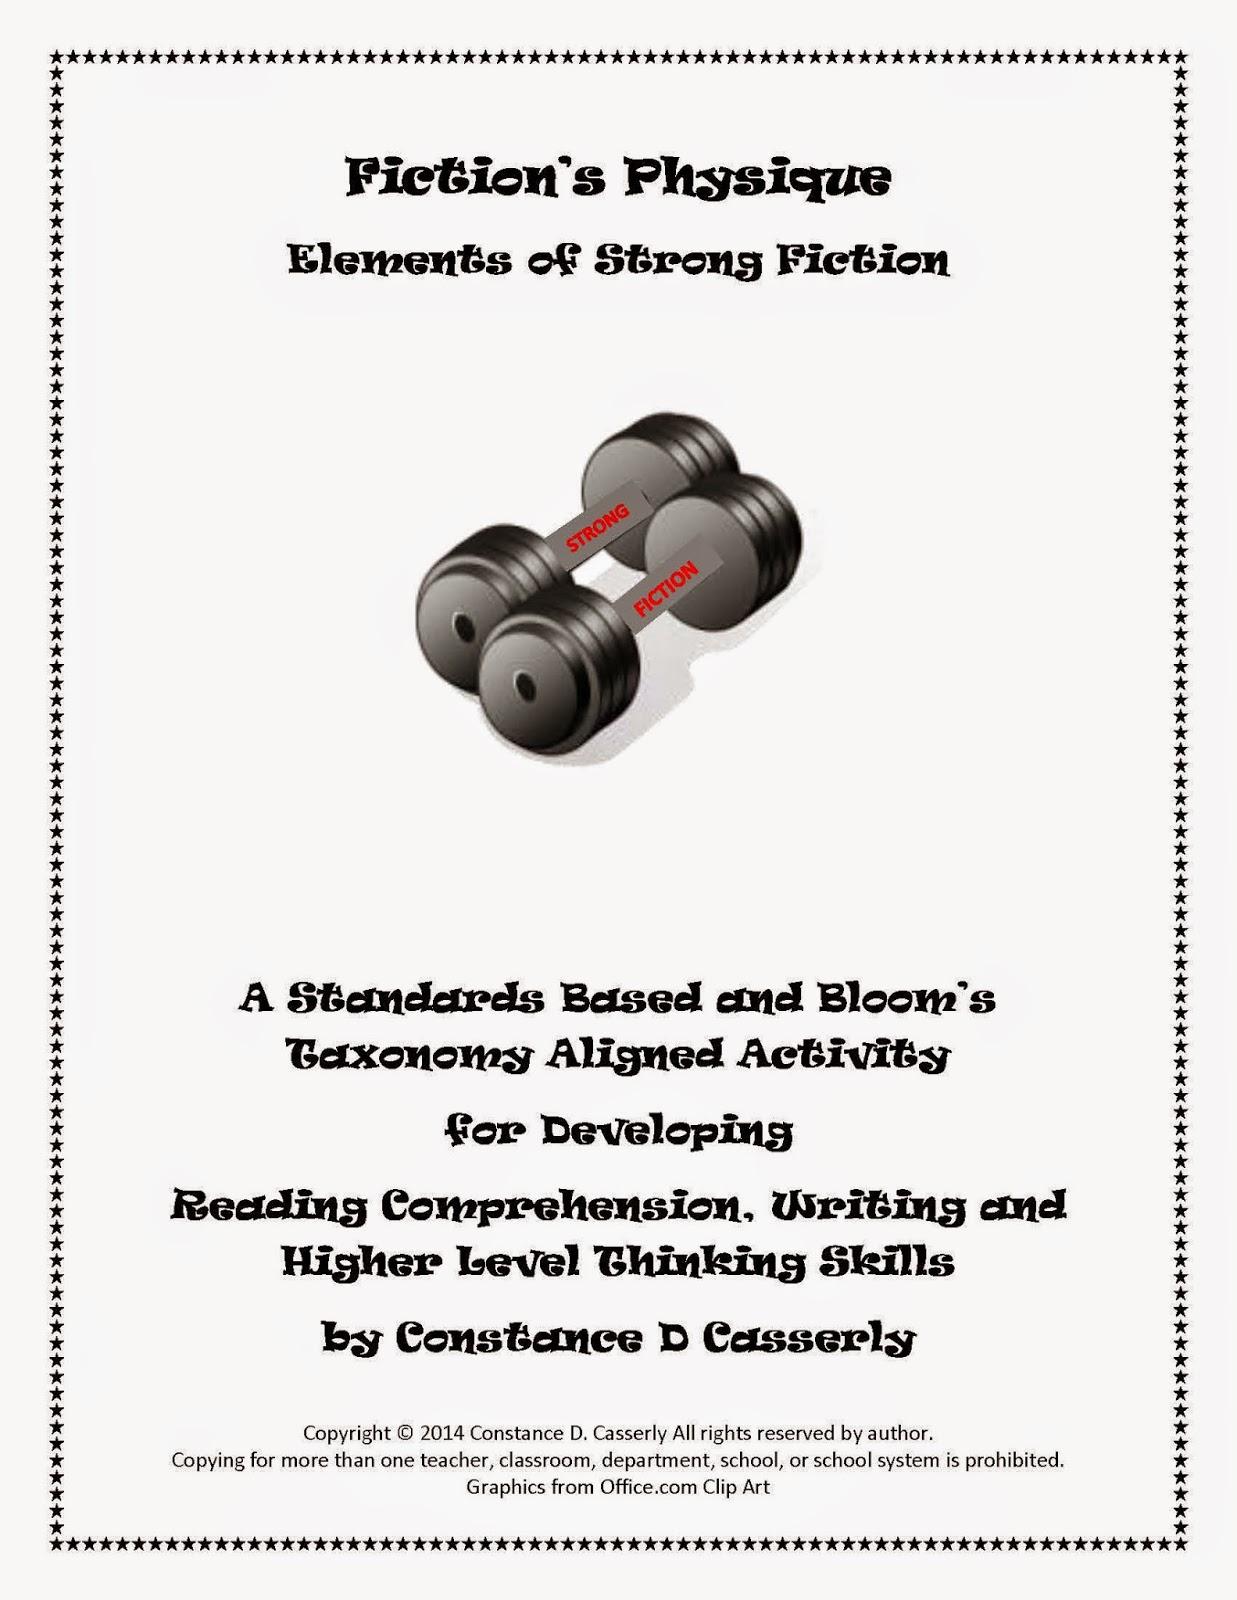 Fiction's Physique Activity